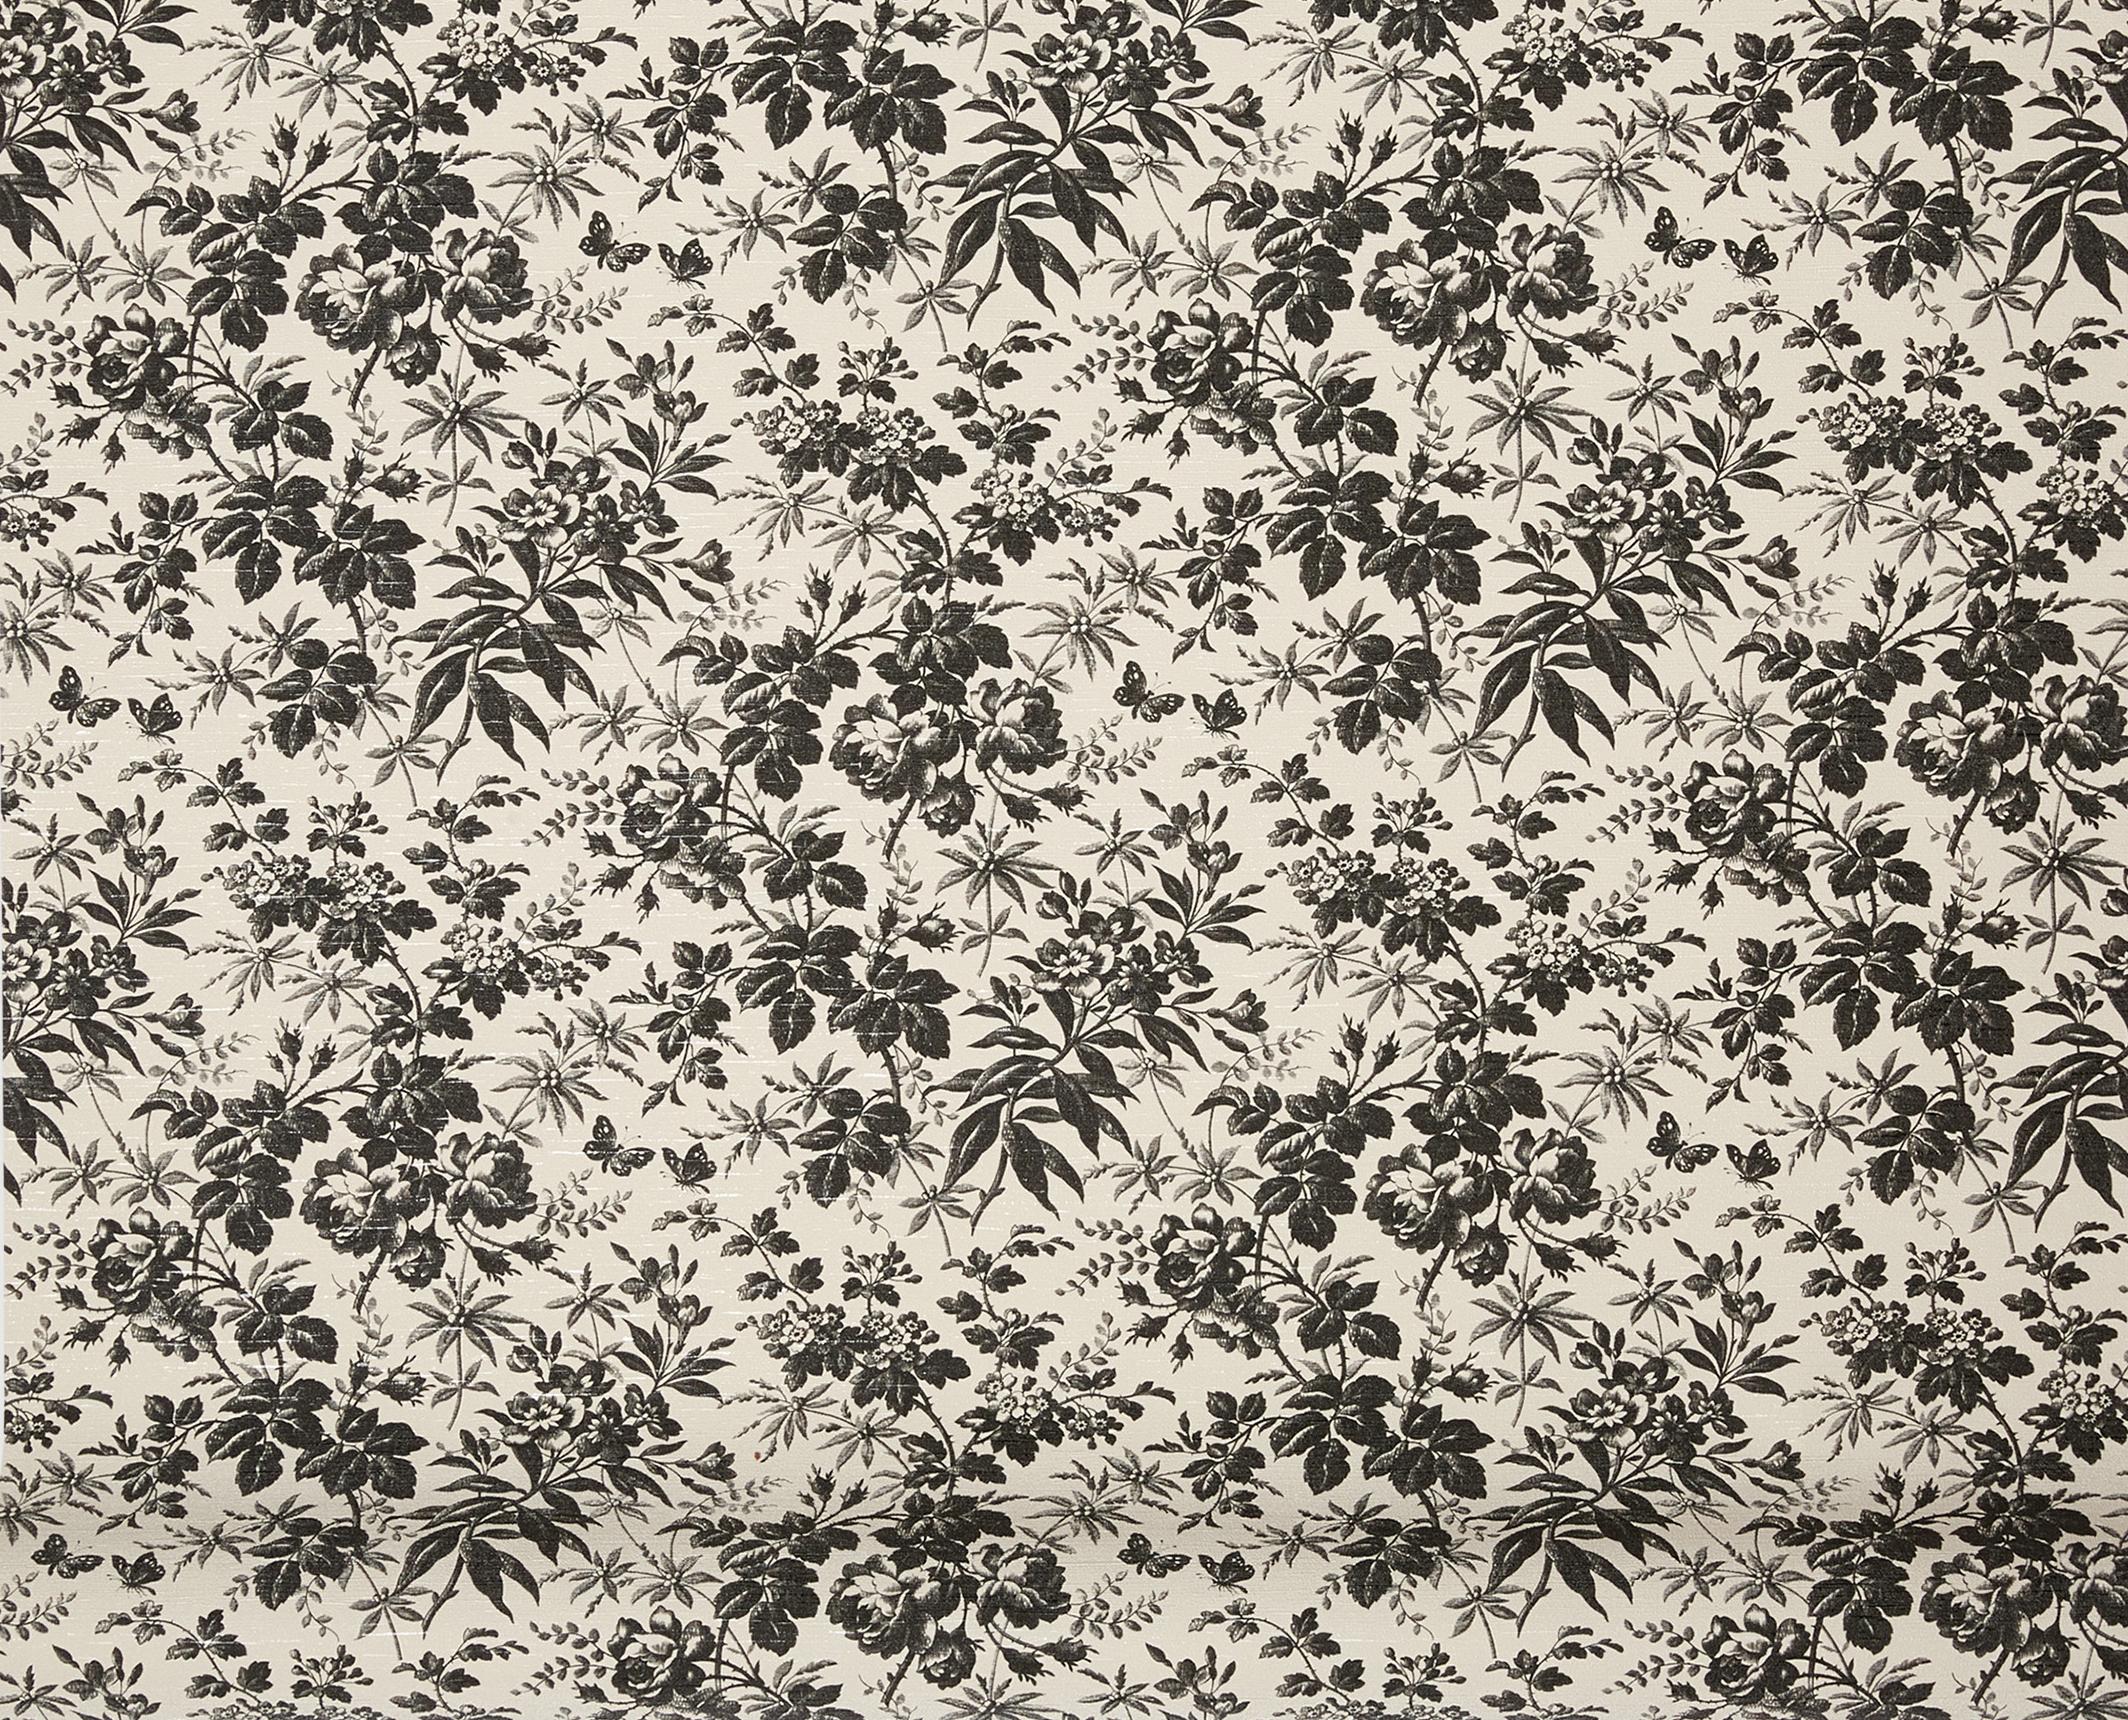 Herbarium-print-wallpaper 2.jpg